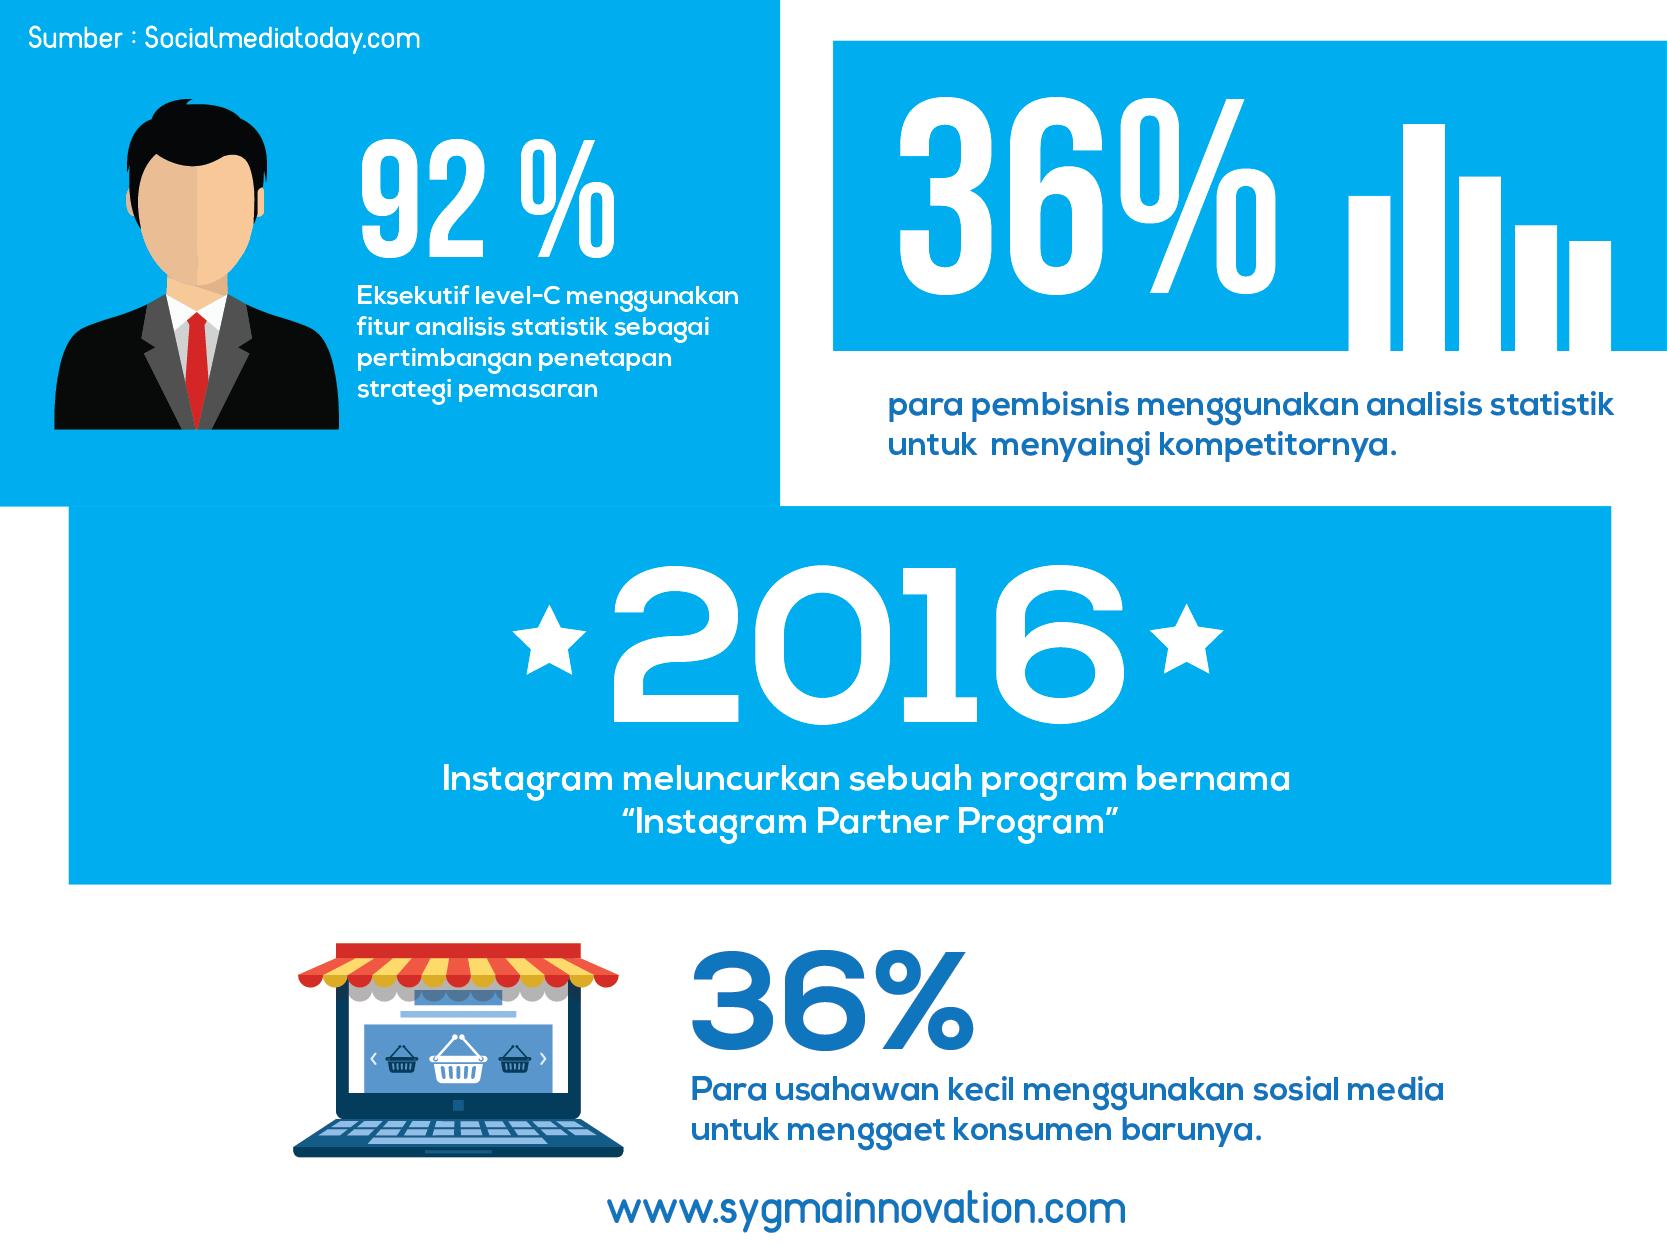 Infografis Fitur Analisis Statistik